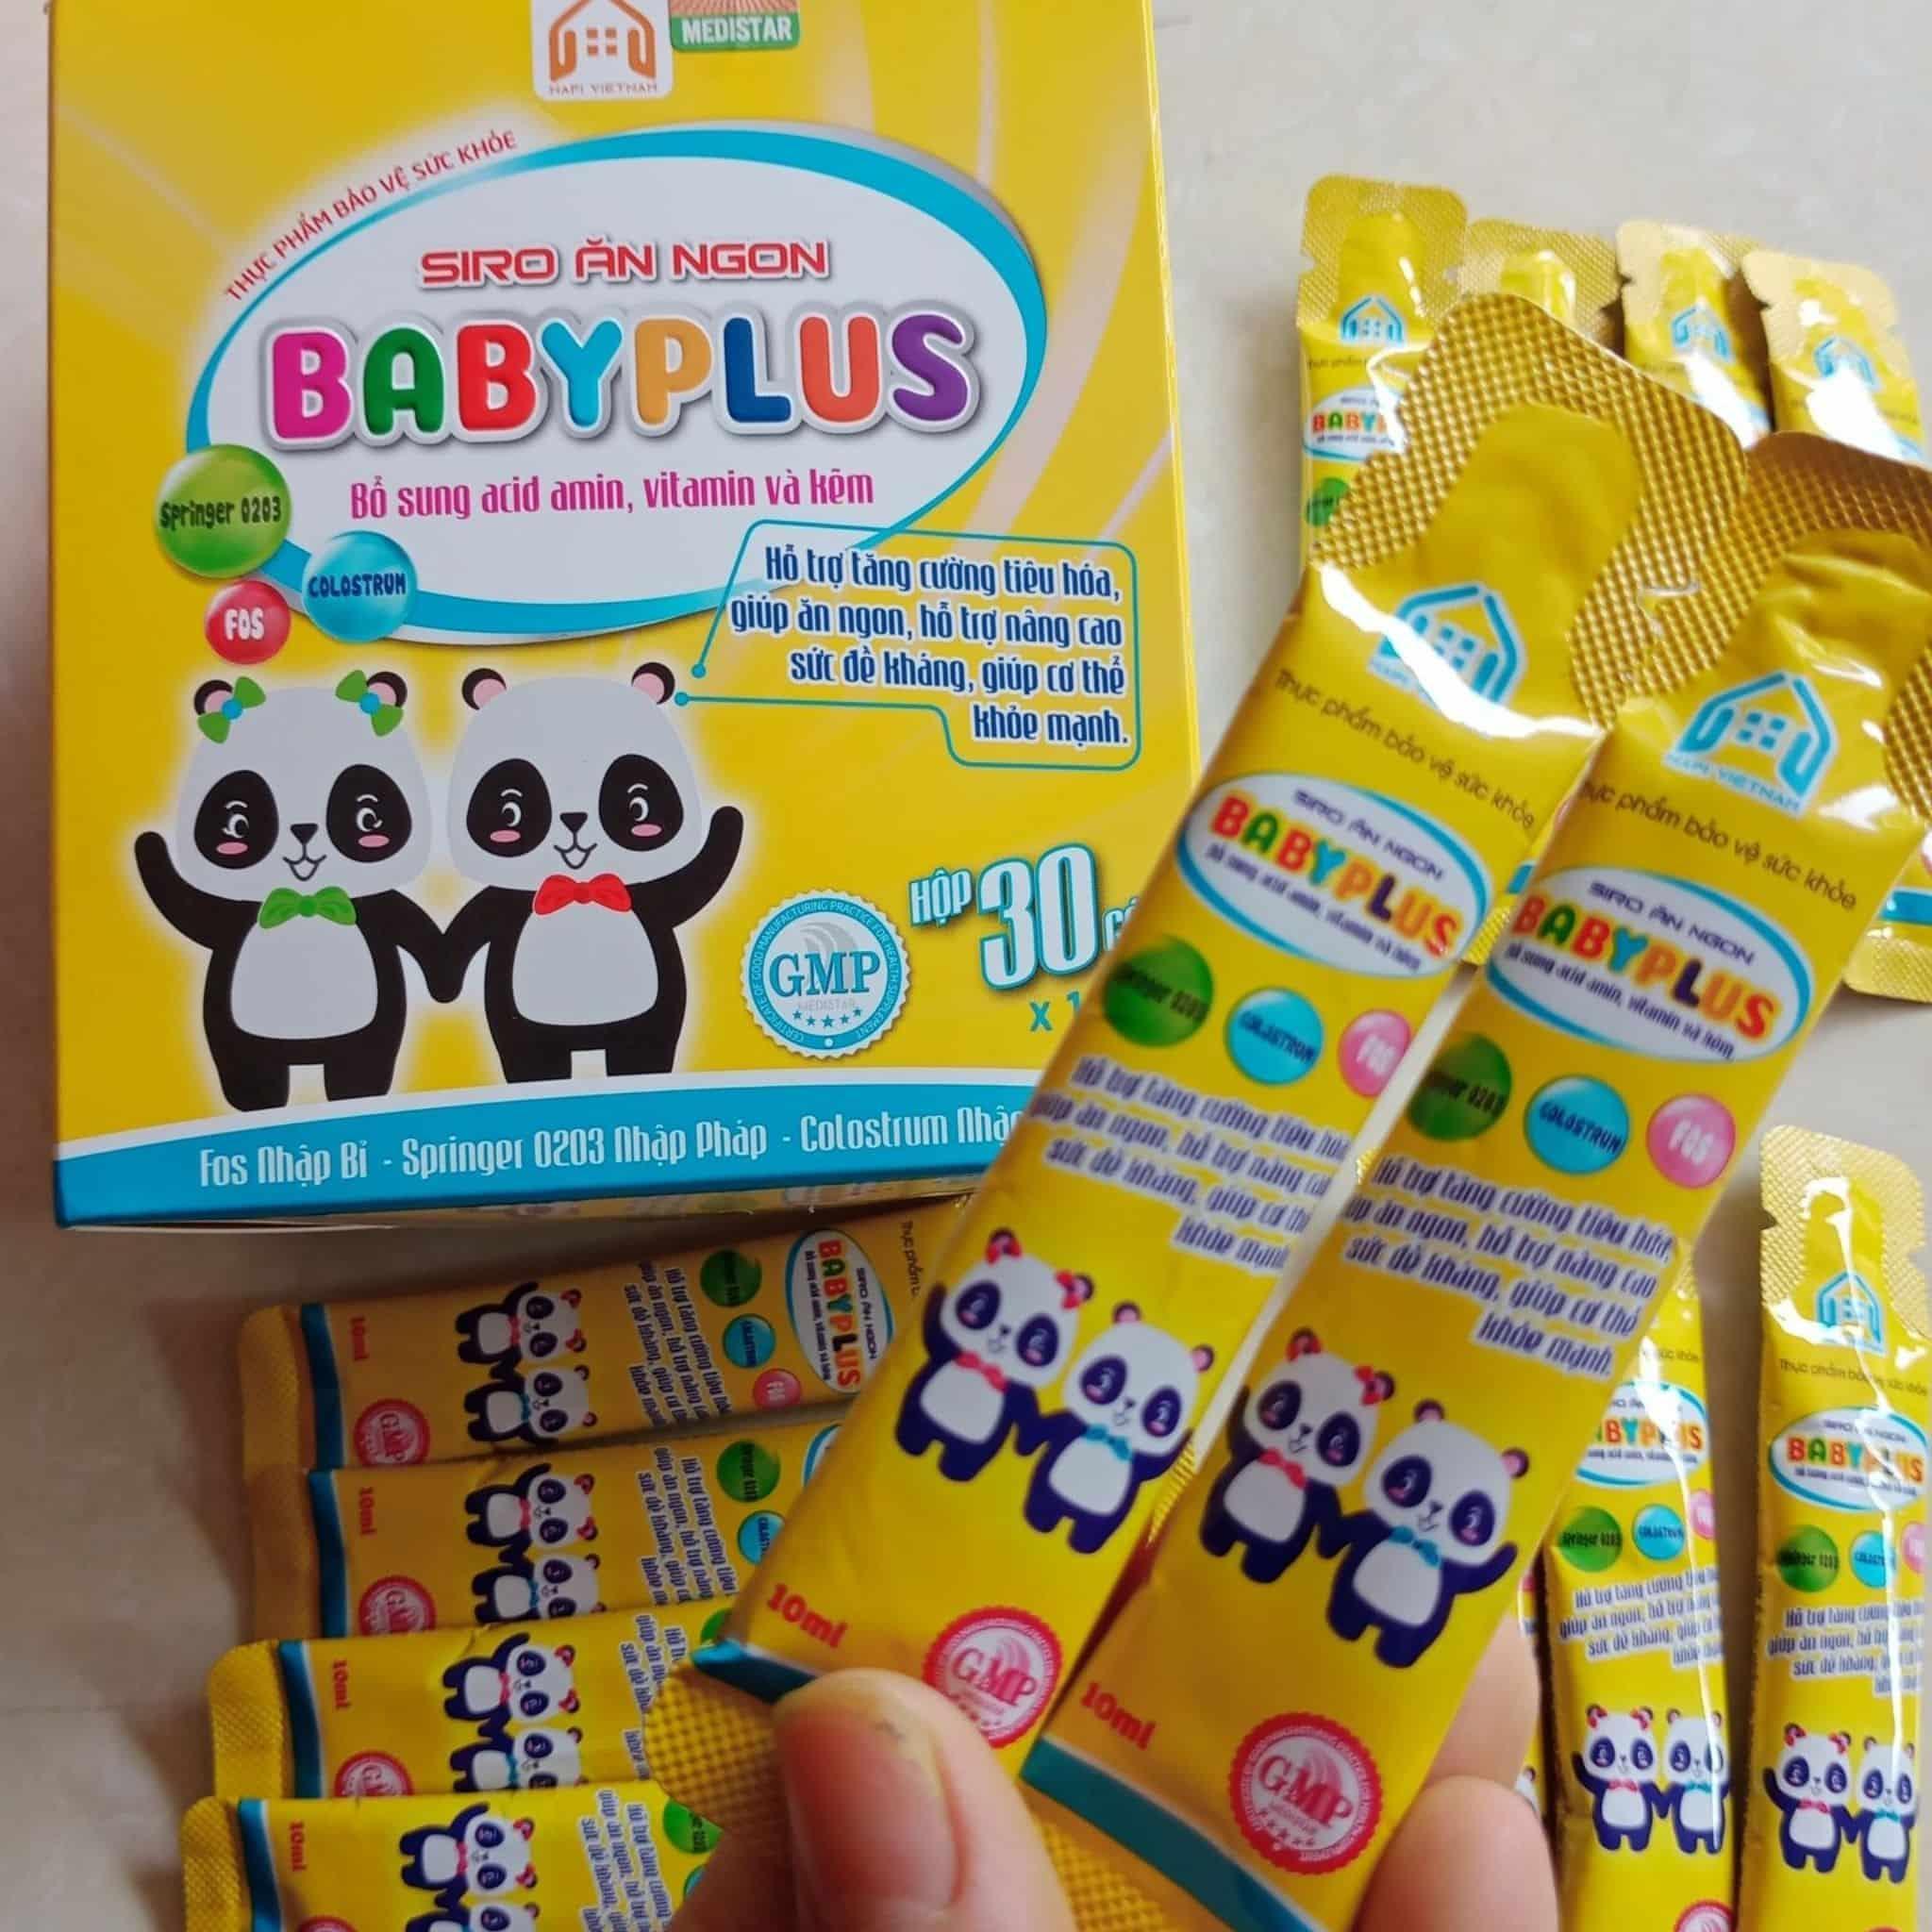 hướng dẫn cách dùng siro baby plus